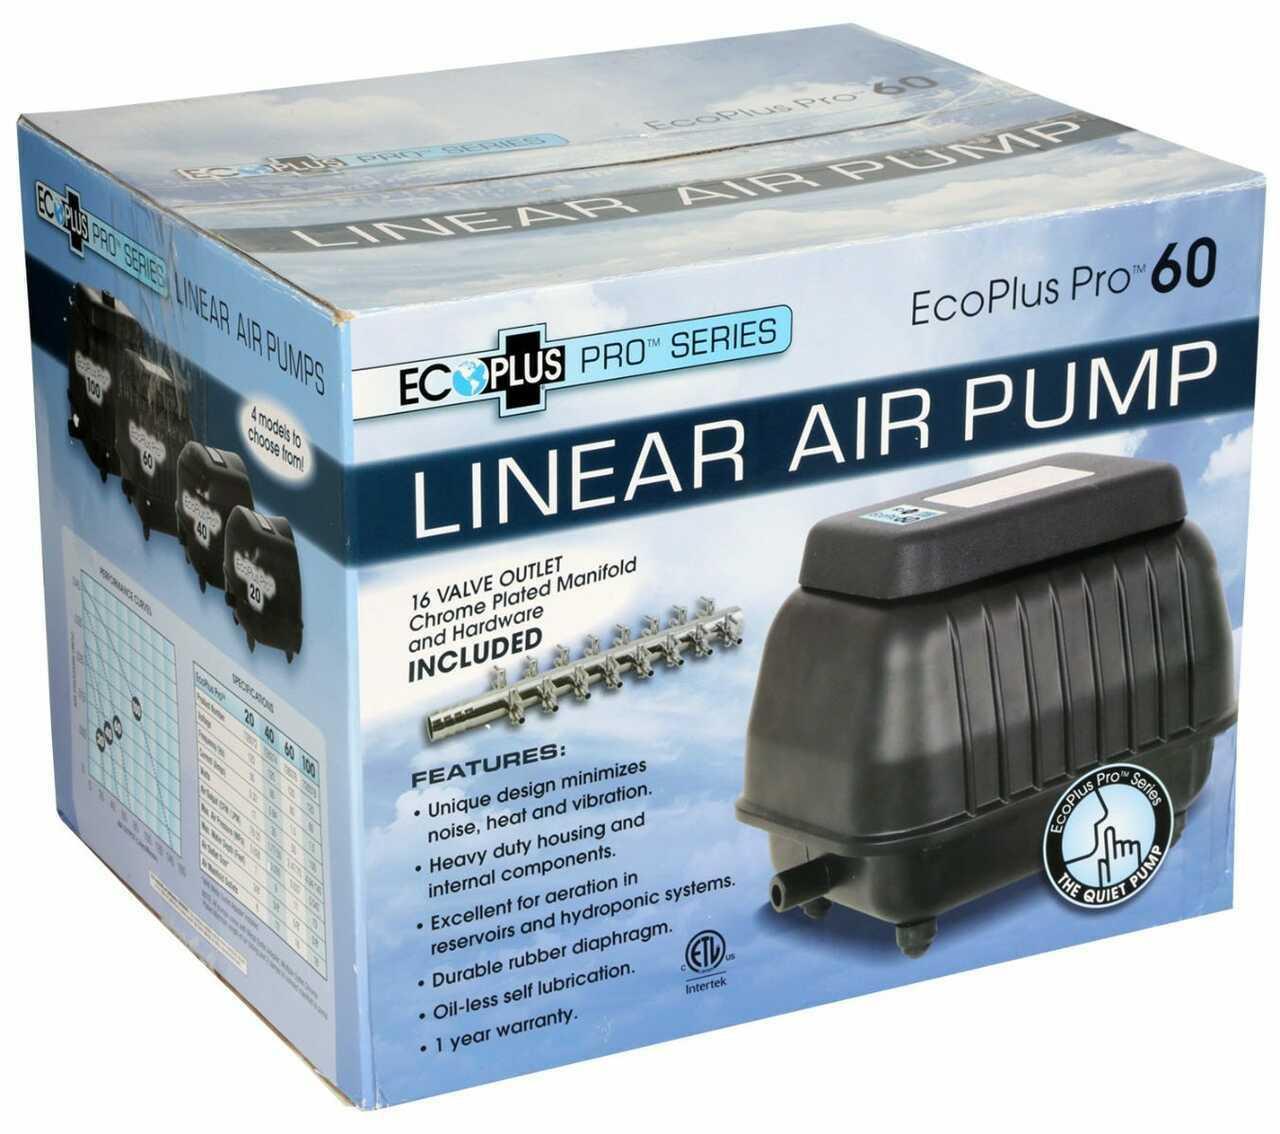 EcoPlus Pro 60 Linear Air Pump 1110 GPH - 1